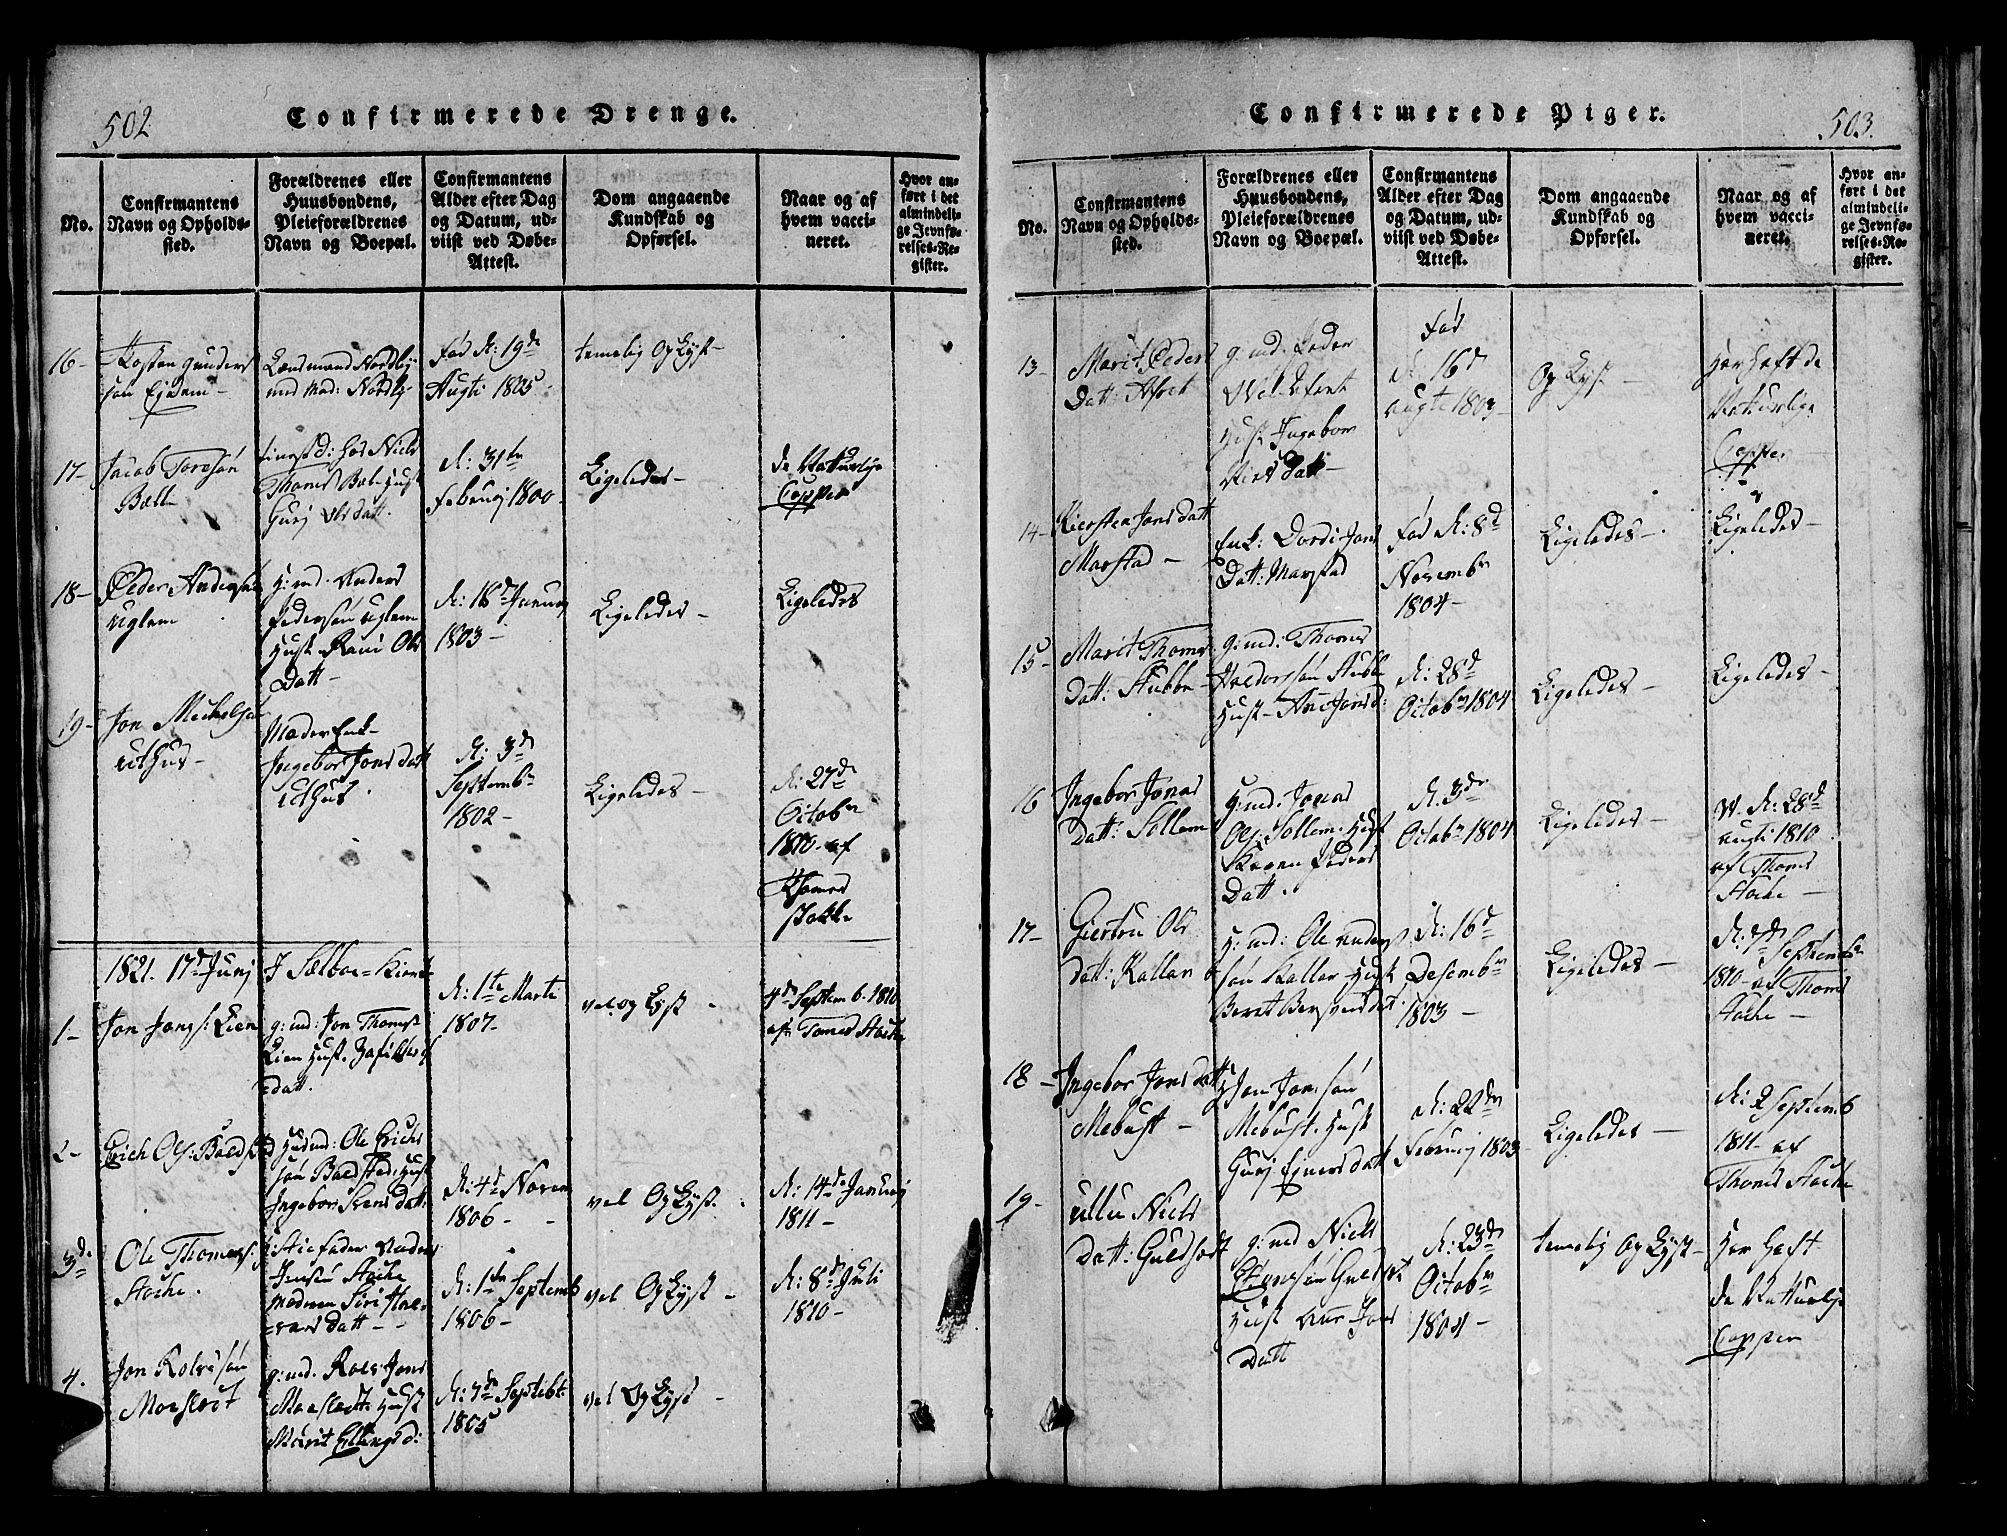 SAT, Ministerialprotokoller, klokkerbøker og fødselsregistre - Sør-Trøndelag, 695/L1152: Klokkerbok nr. 695C03, 1816-1831, s. 502-503